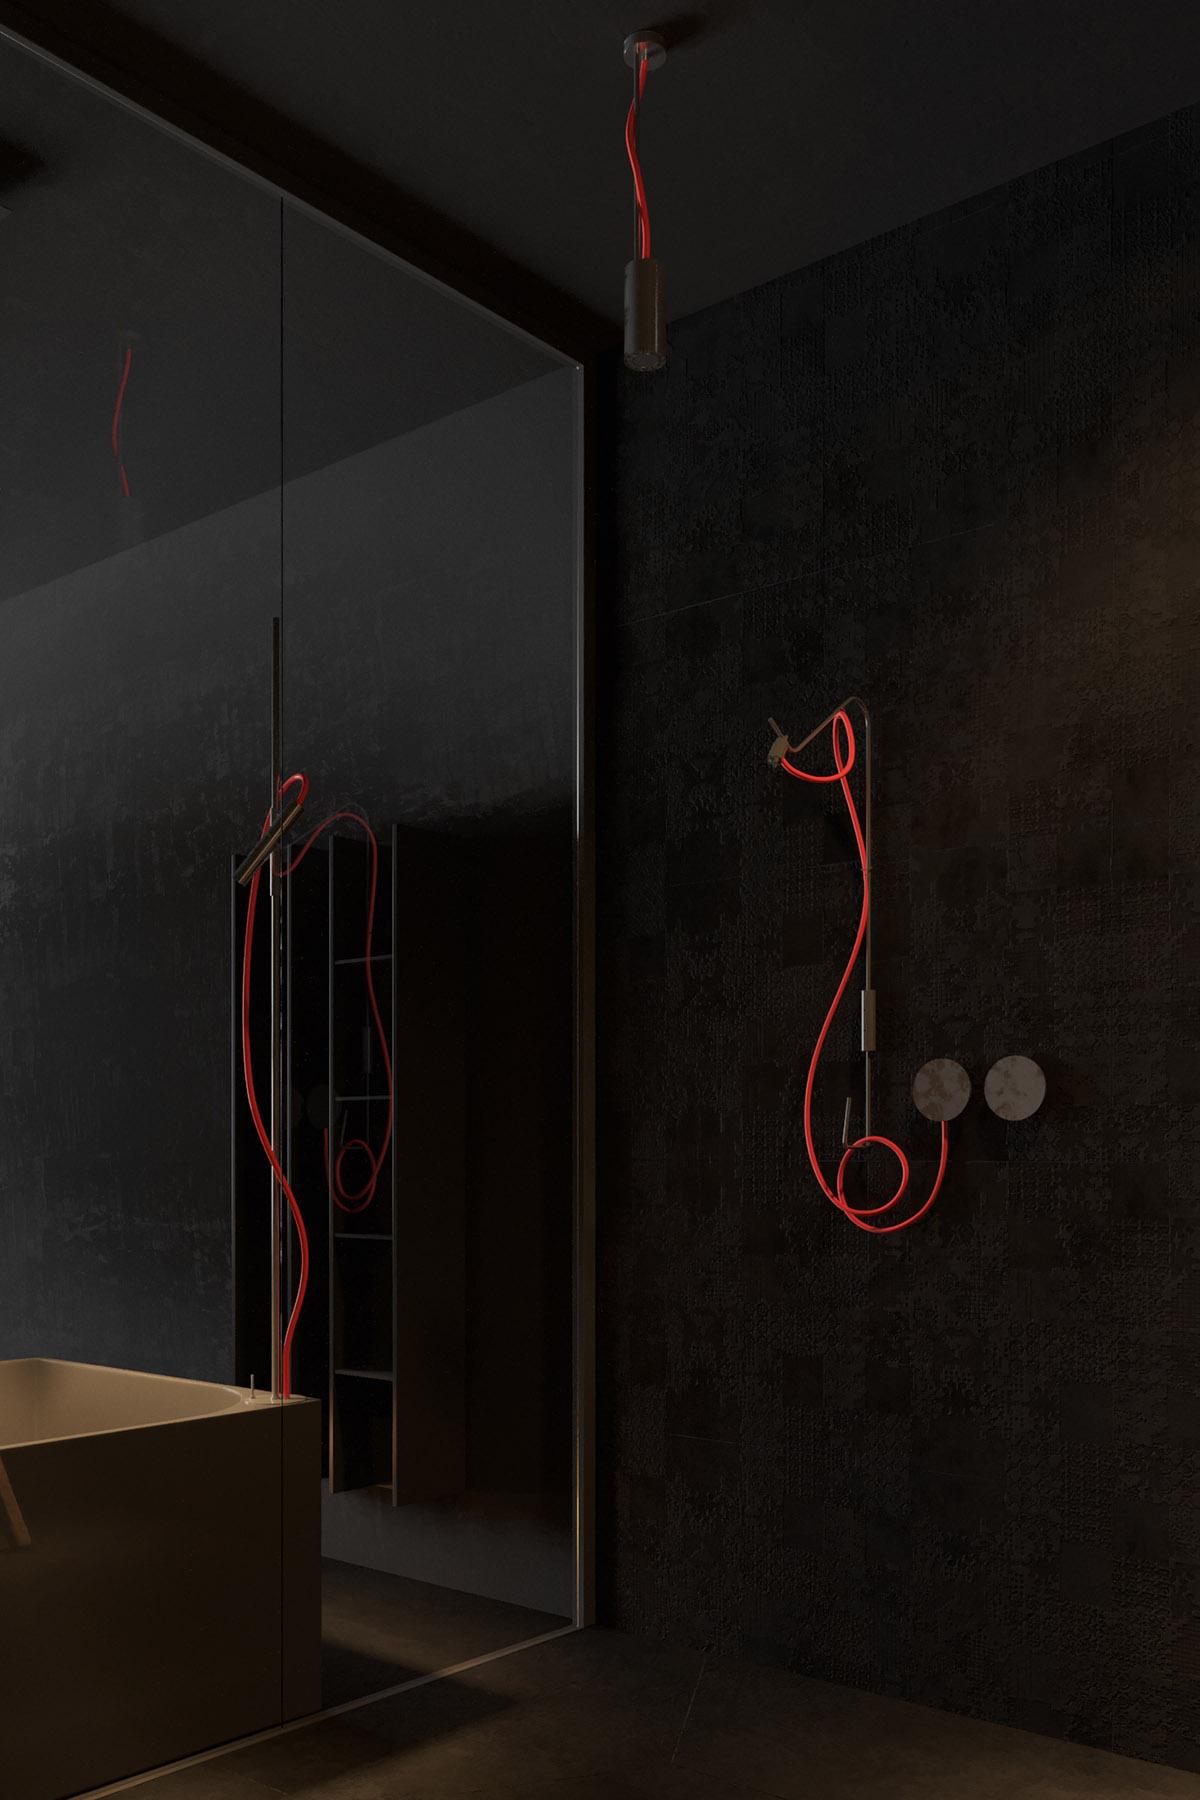 Эстетика Инь и Янь в интерьере: фотообзор минималистского пространства